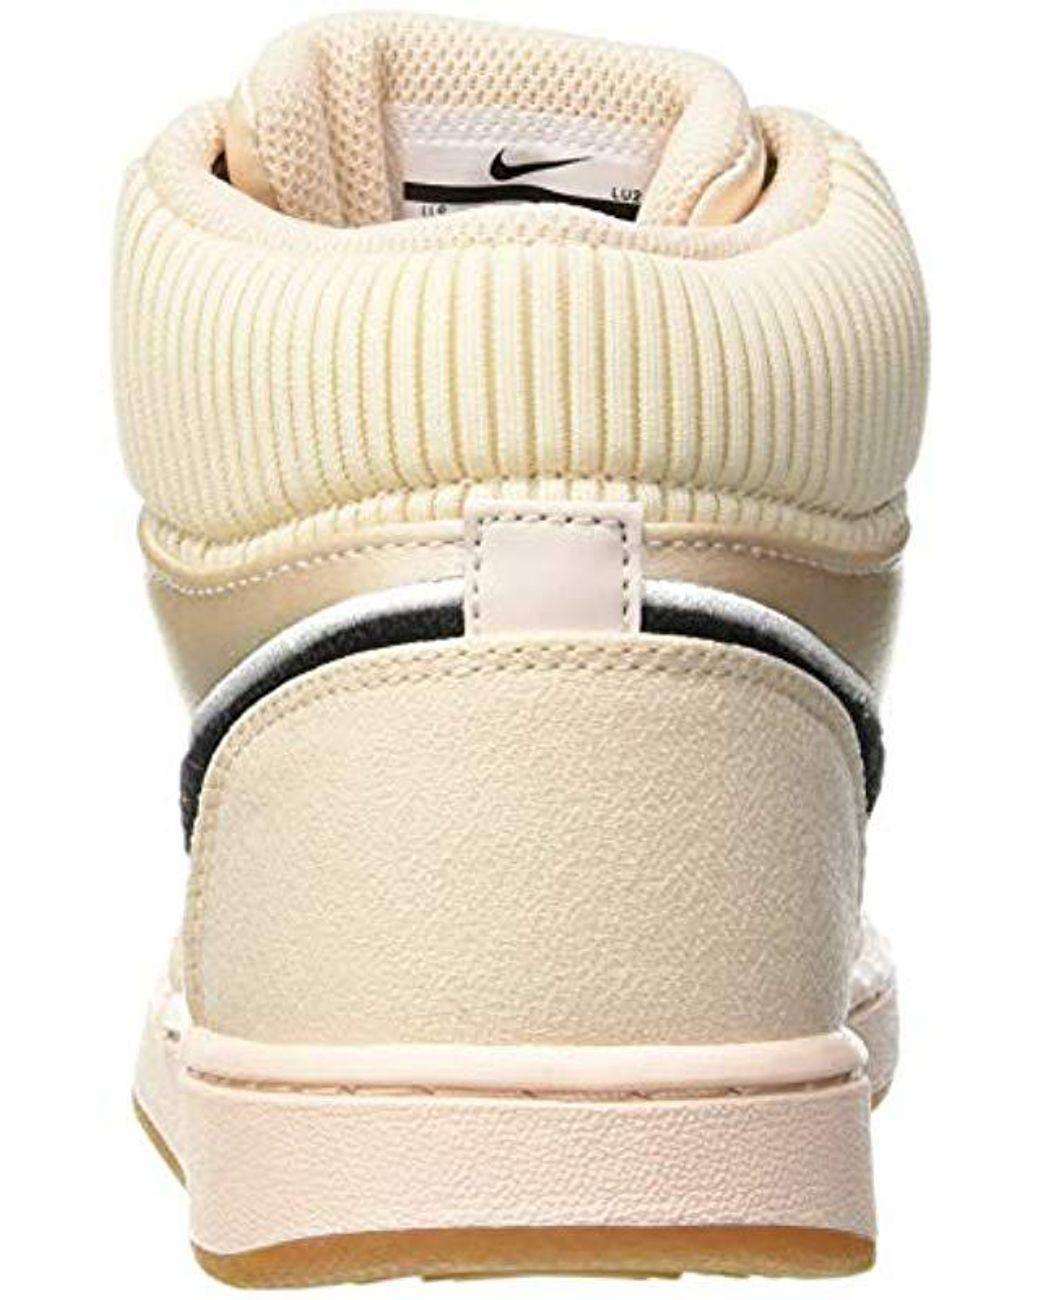 zapatillas con aire de nike rosas y blancas